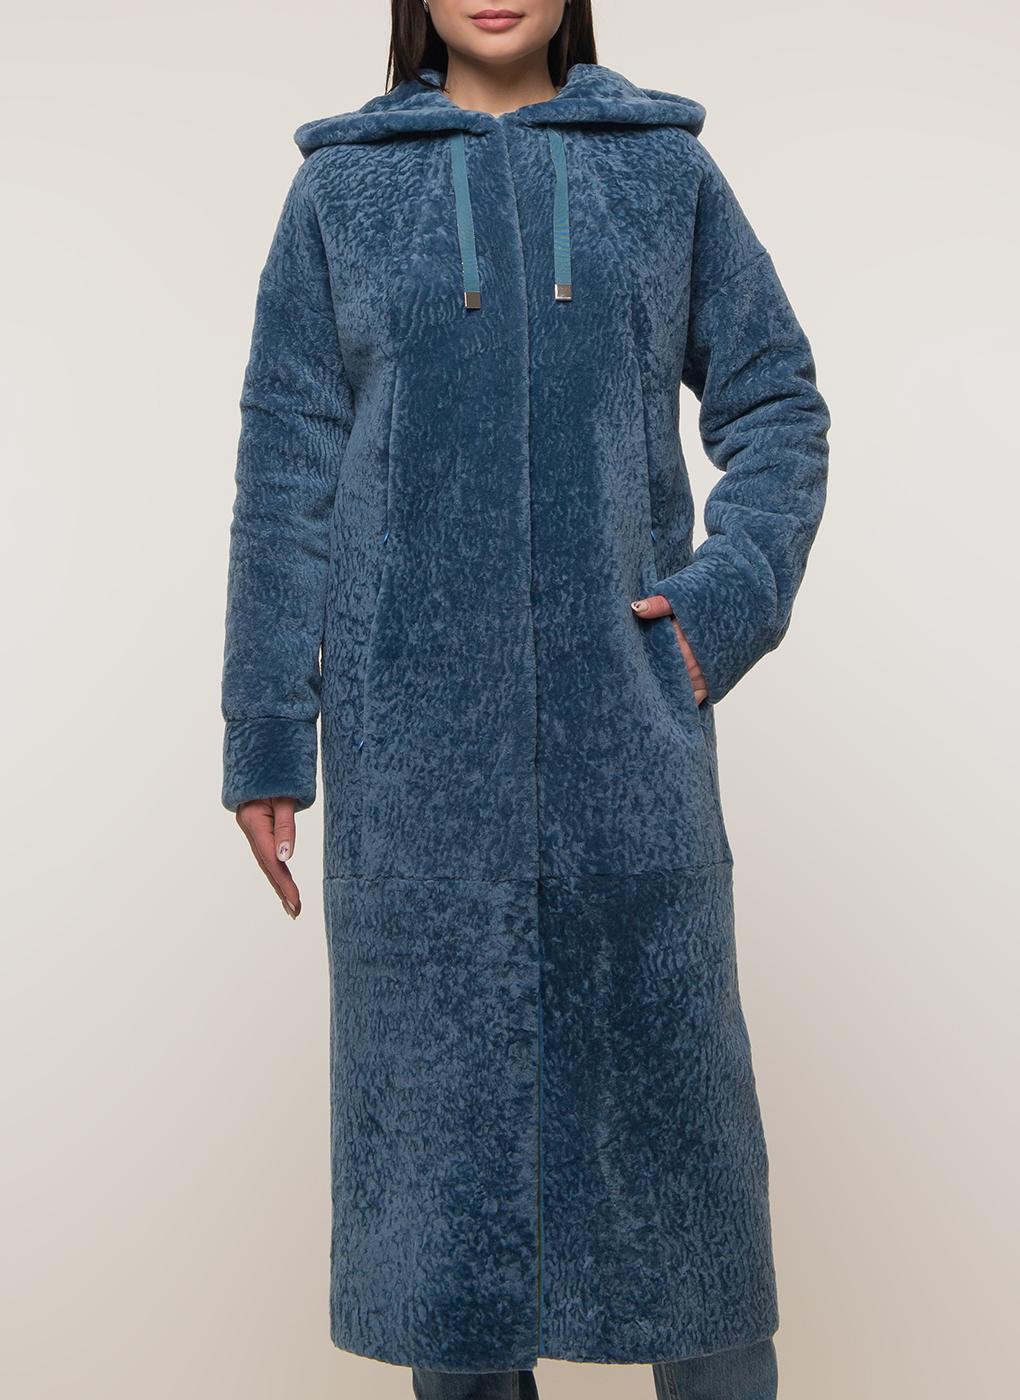 Пальто прямое из овчины 24, Aliance Fur фото